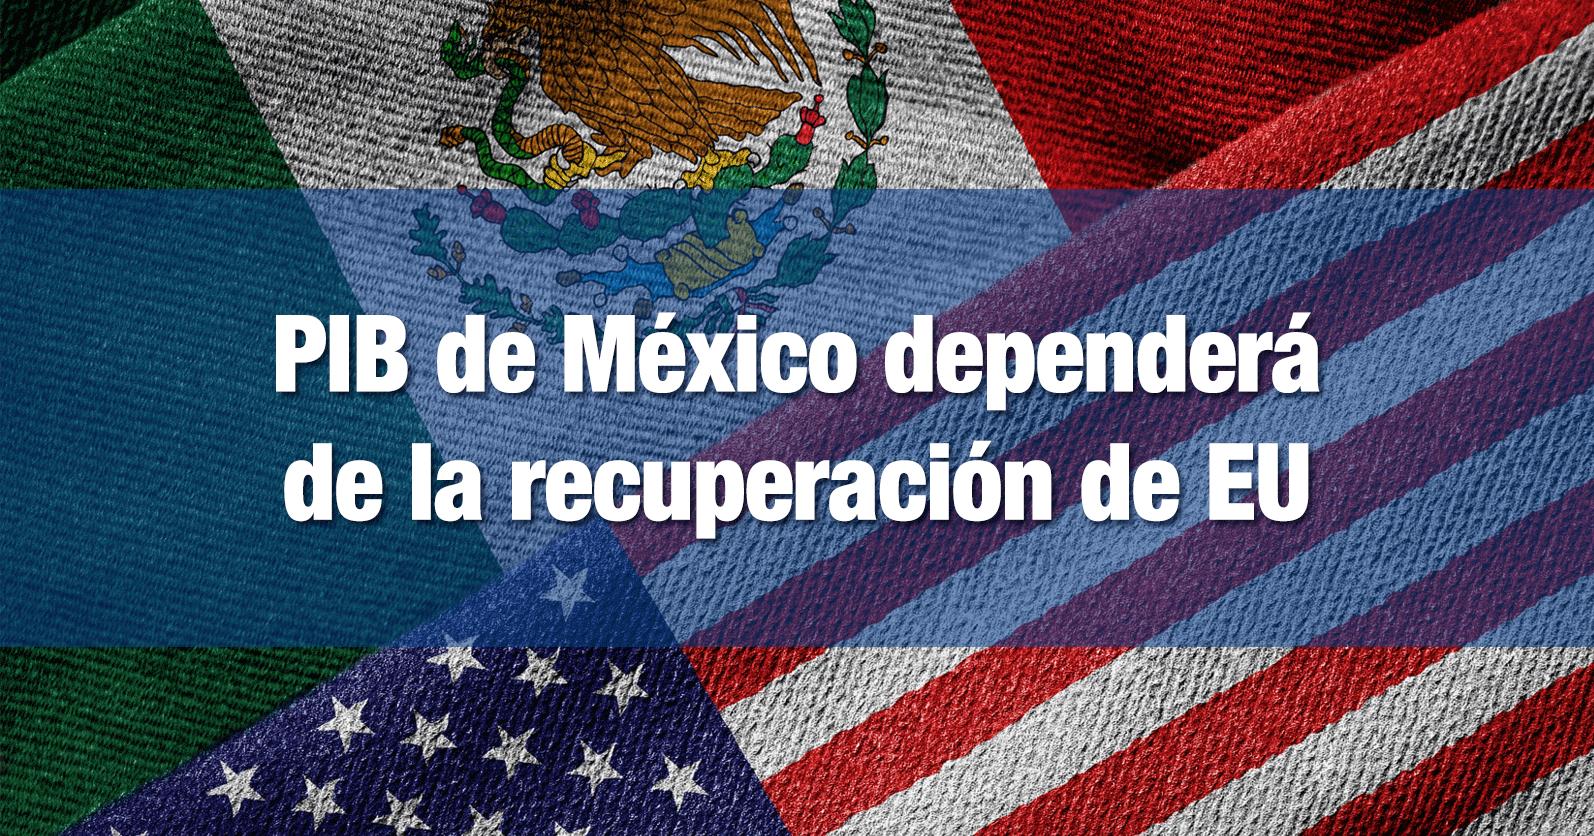 PIB de México dependerá de la recuperación de EU